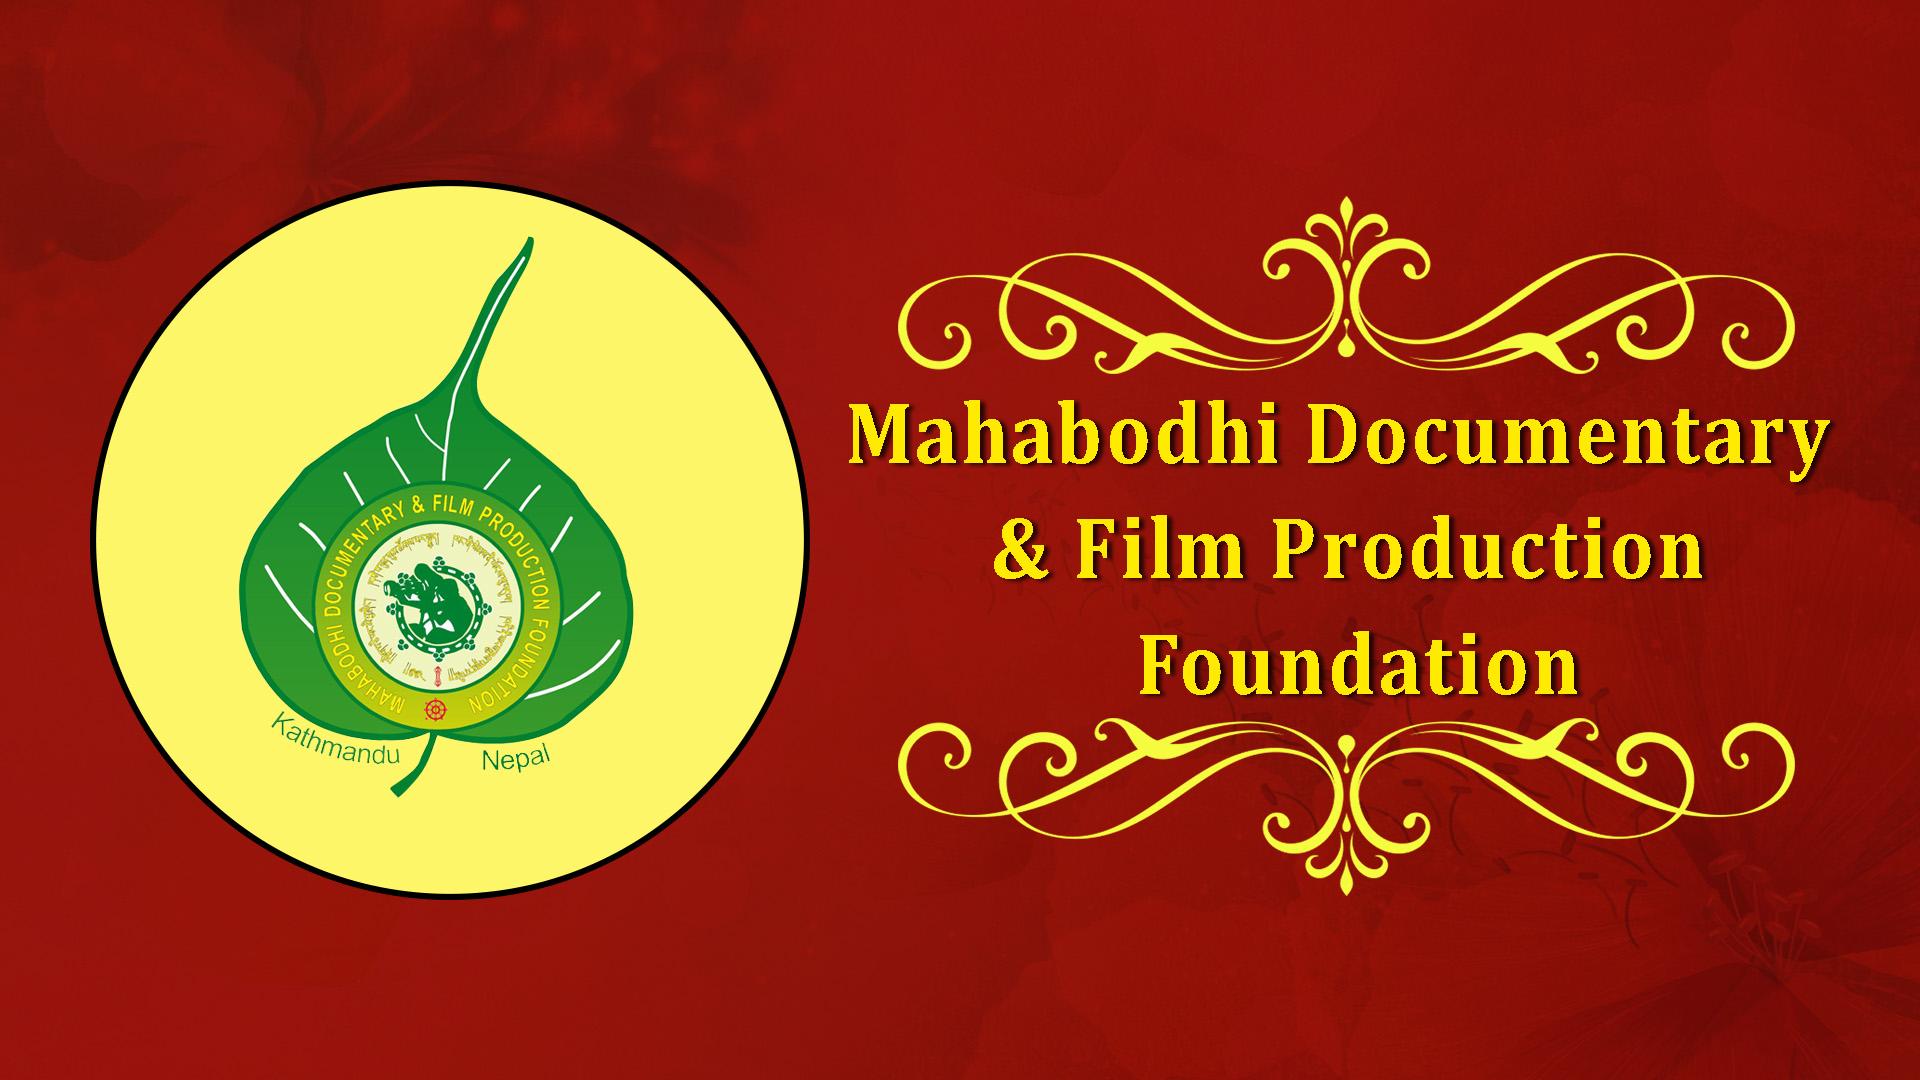 Mahabodhi Documentary & Film Production Foundation